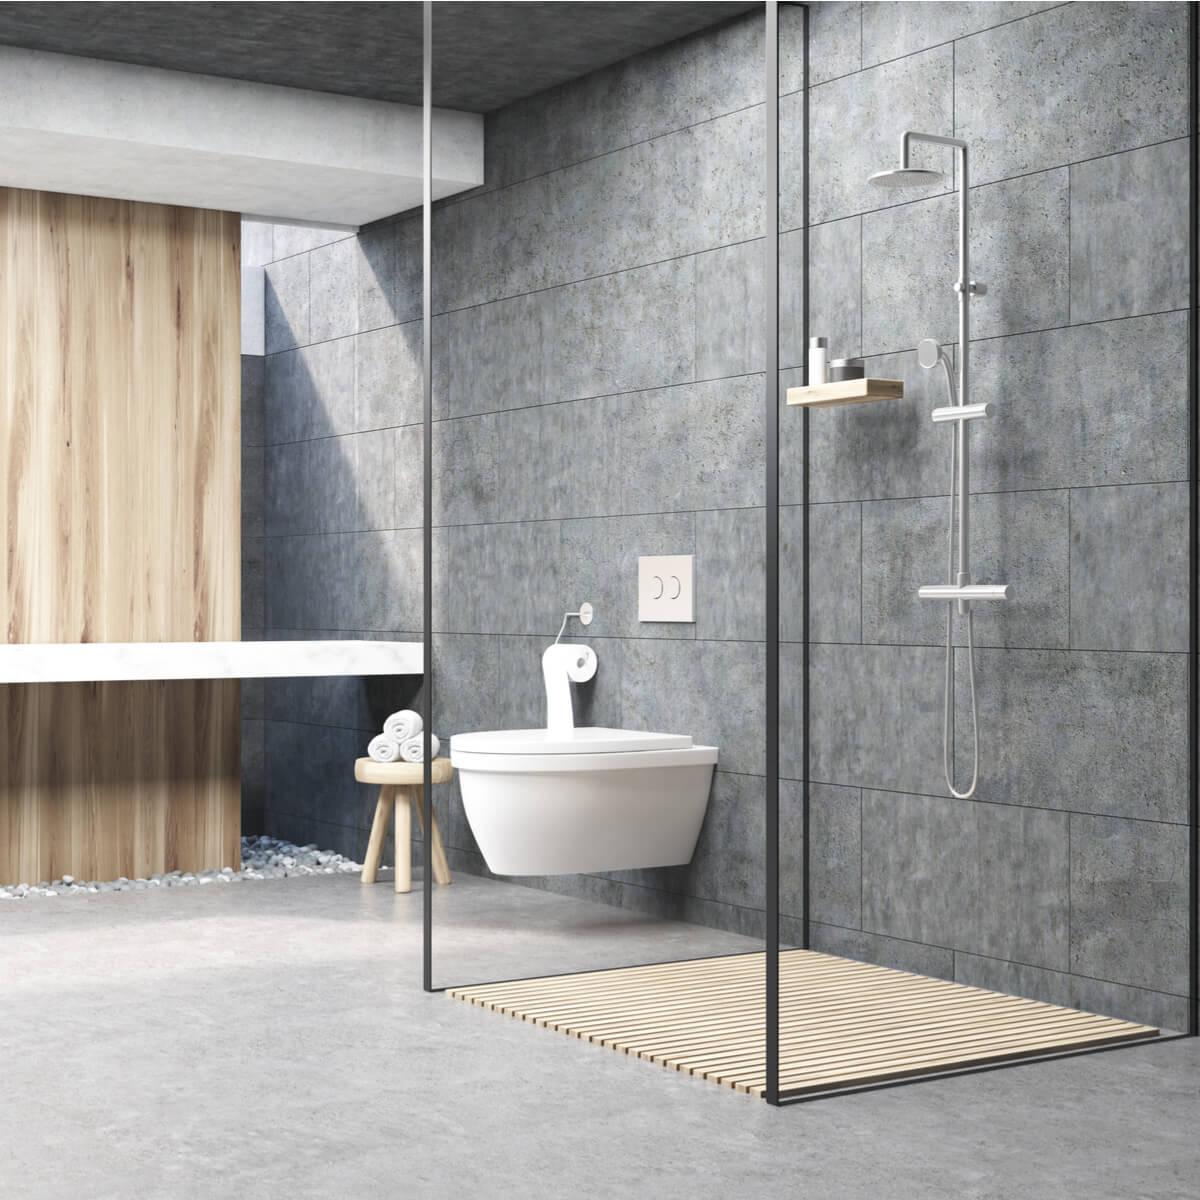 Badkamer met douche van glas